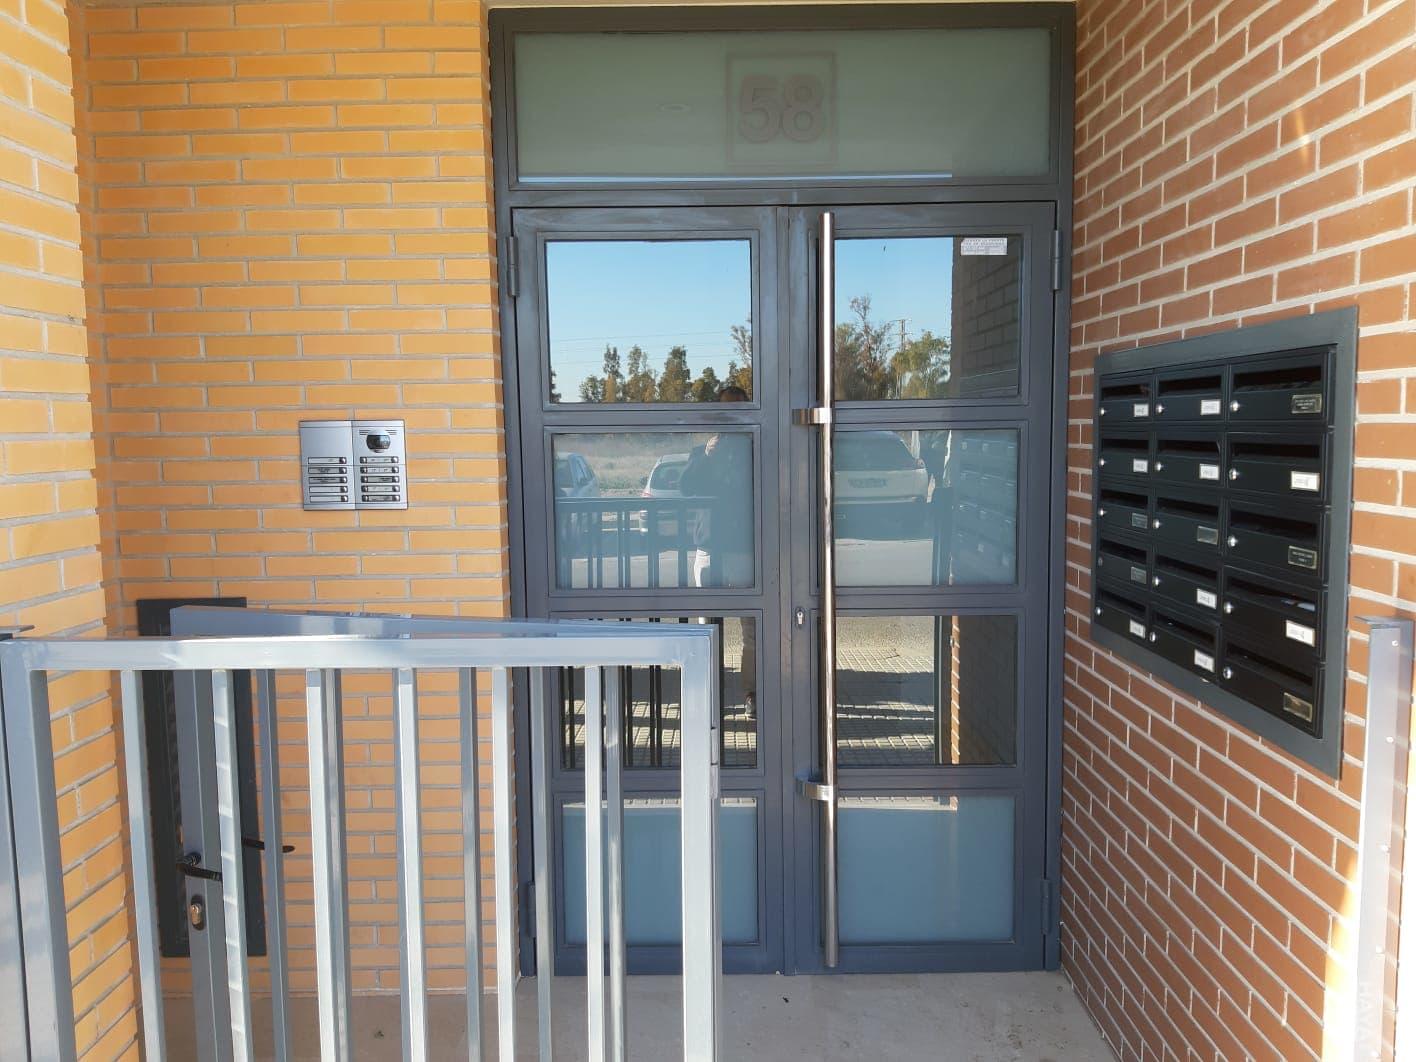 Piso en venta en Carlet, Valencia, Calle Ronda A, 93.000 €, 3 habitaciones, 1 baño, 116 m2